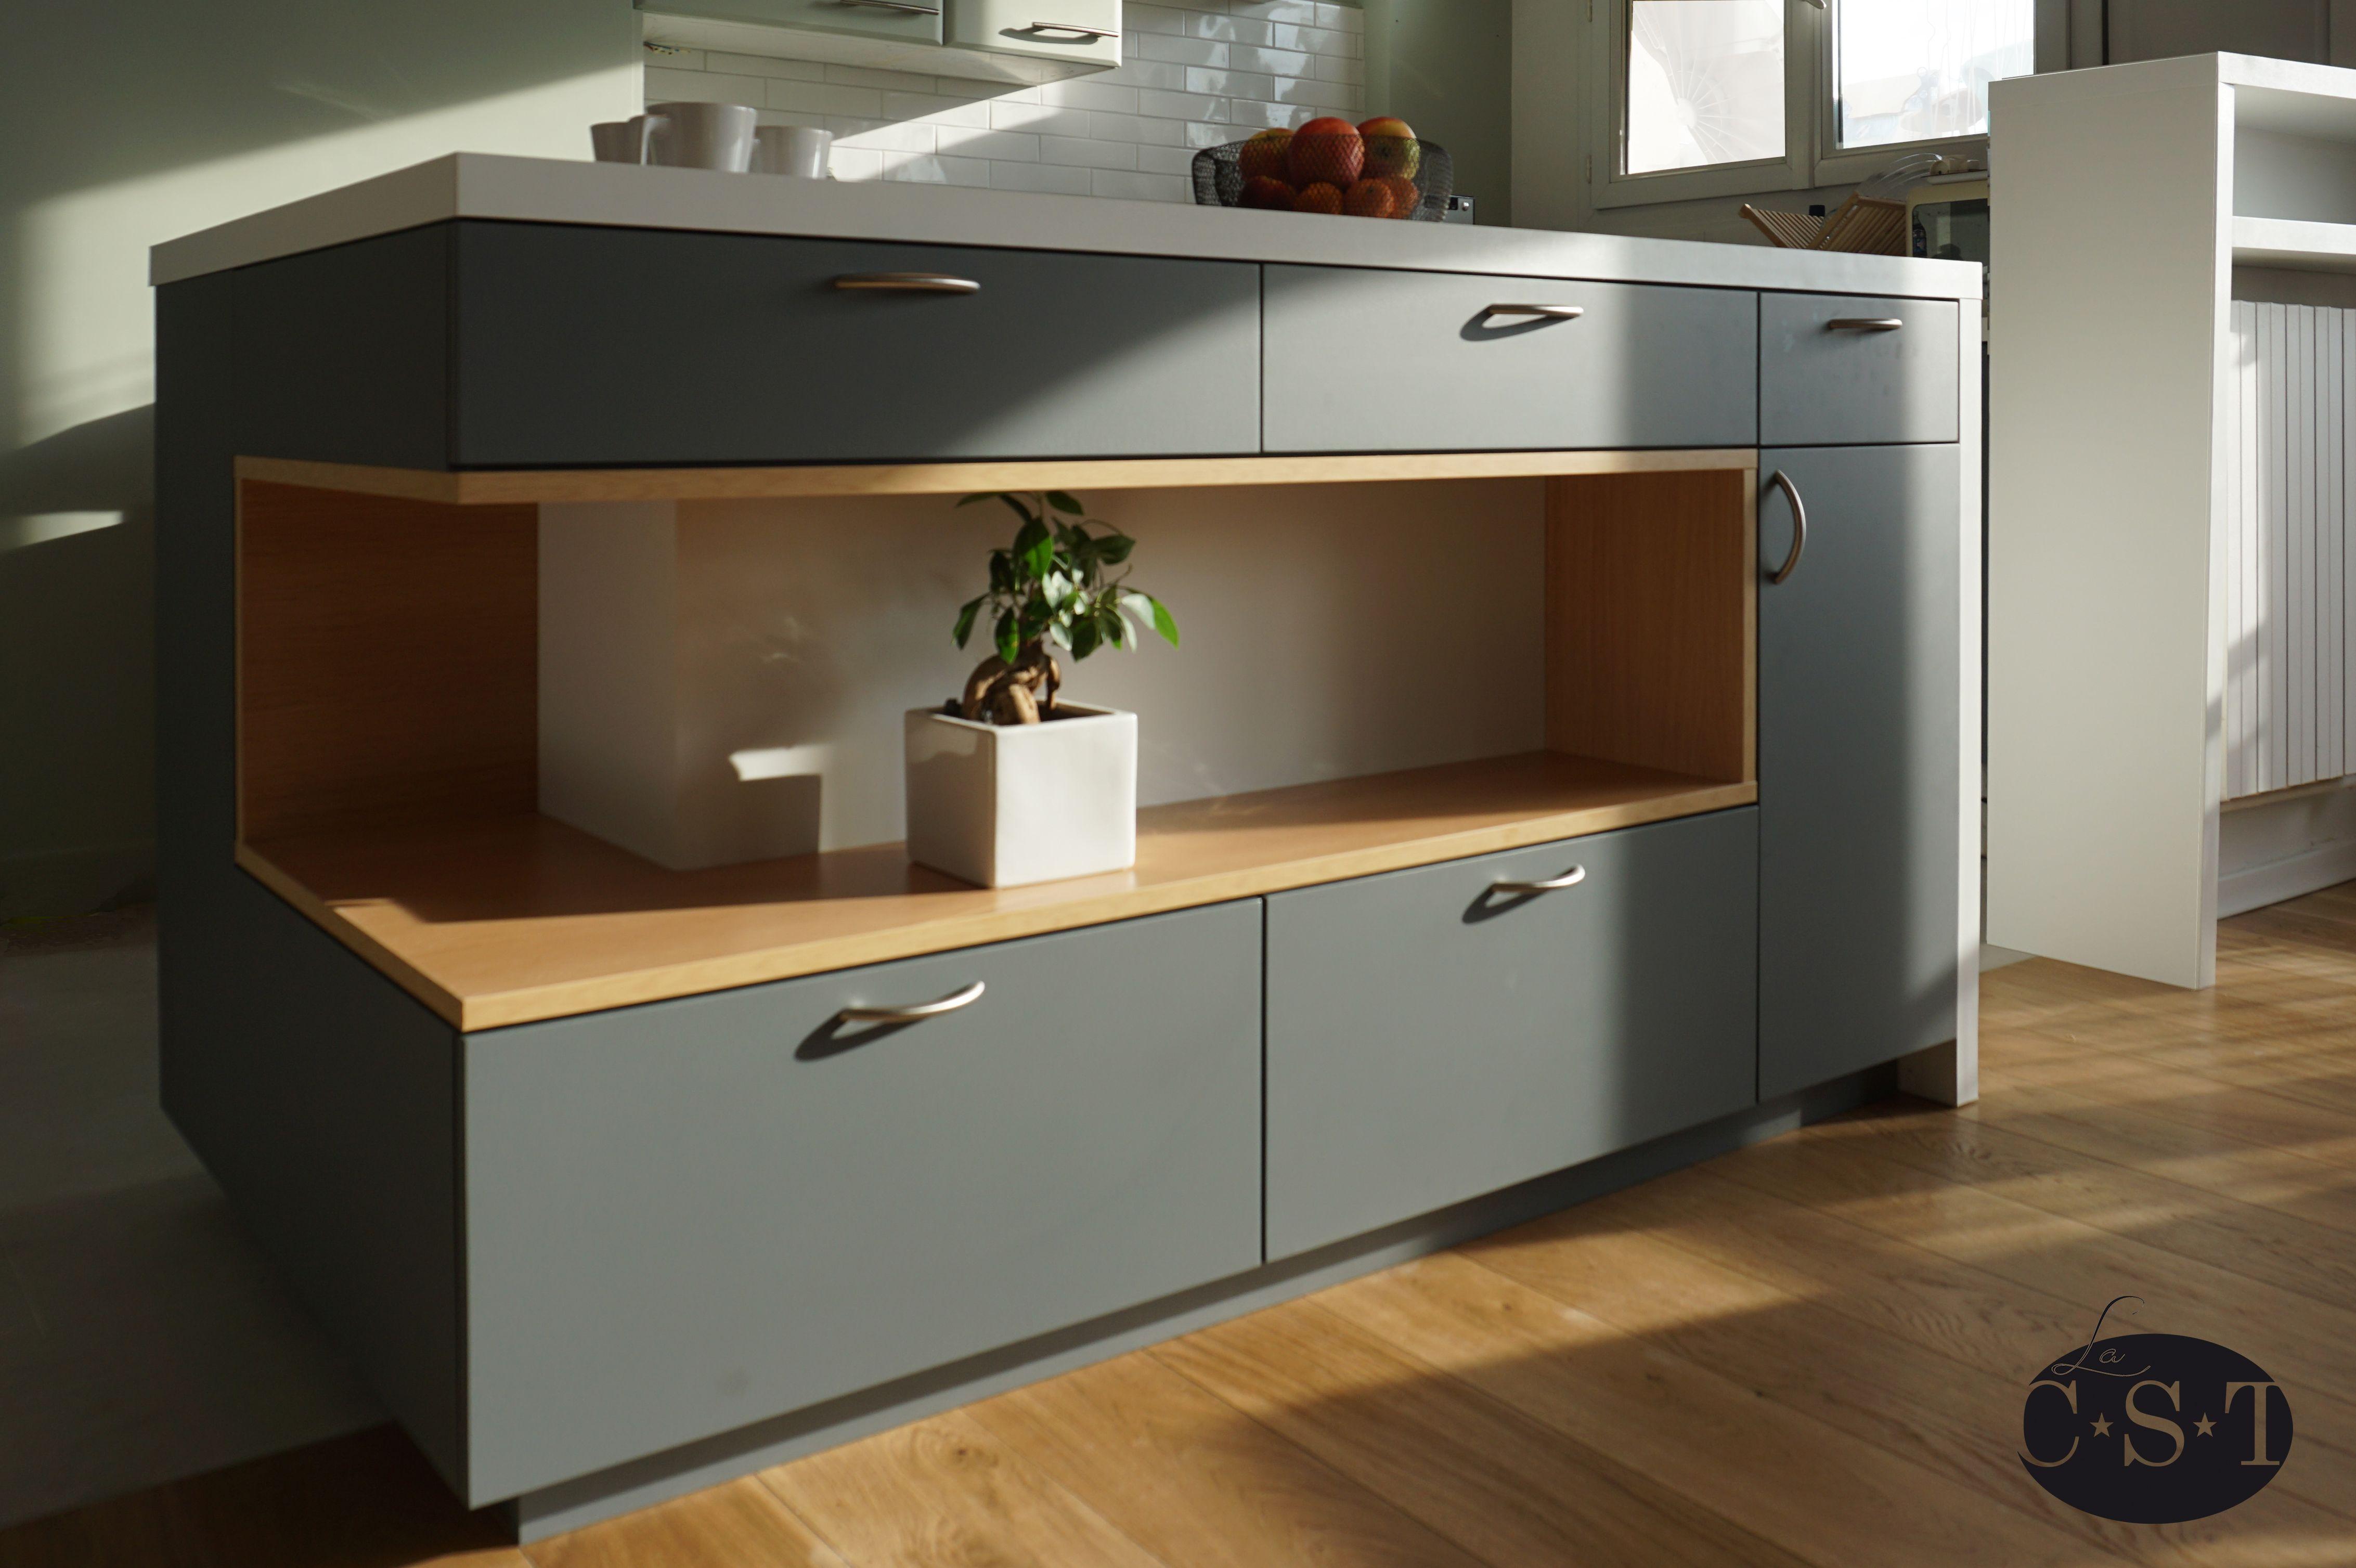 meuble lot de cuisine la cst niche m lamin d cor ch ne meymac polyrey chants abs. Black Bedroom Furniture Sets. Home Design Ideas